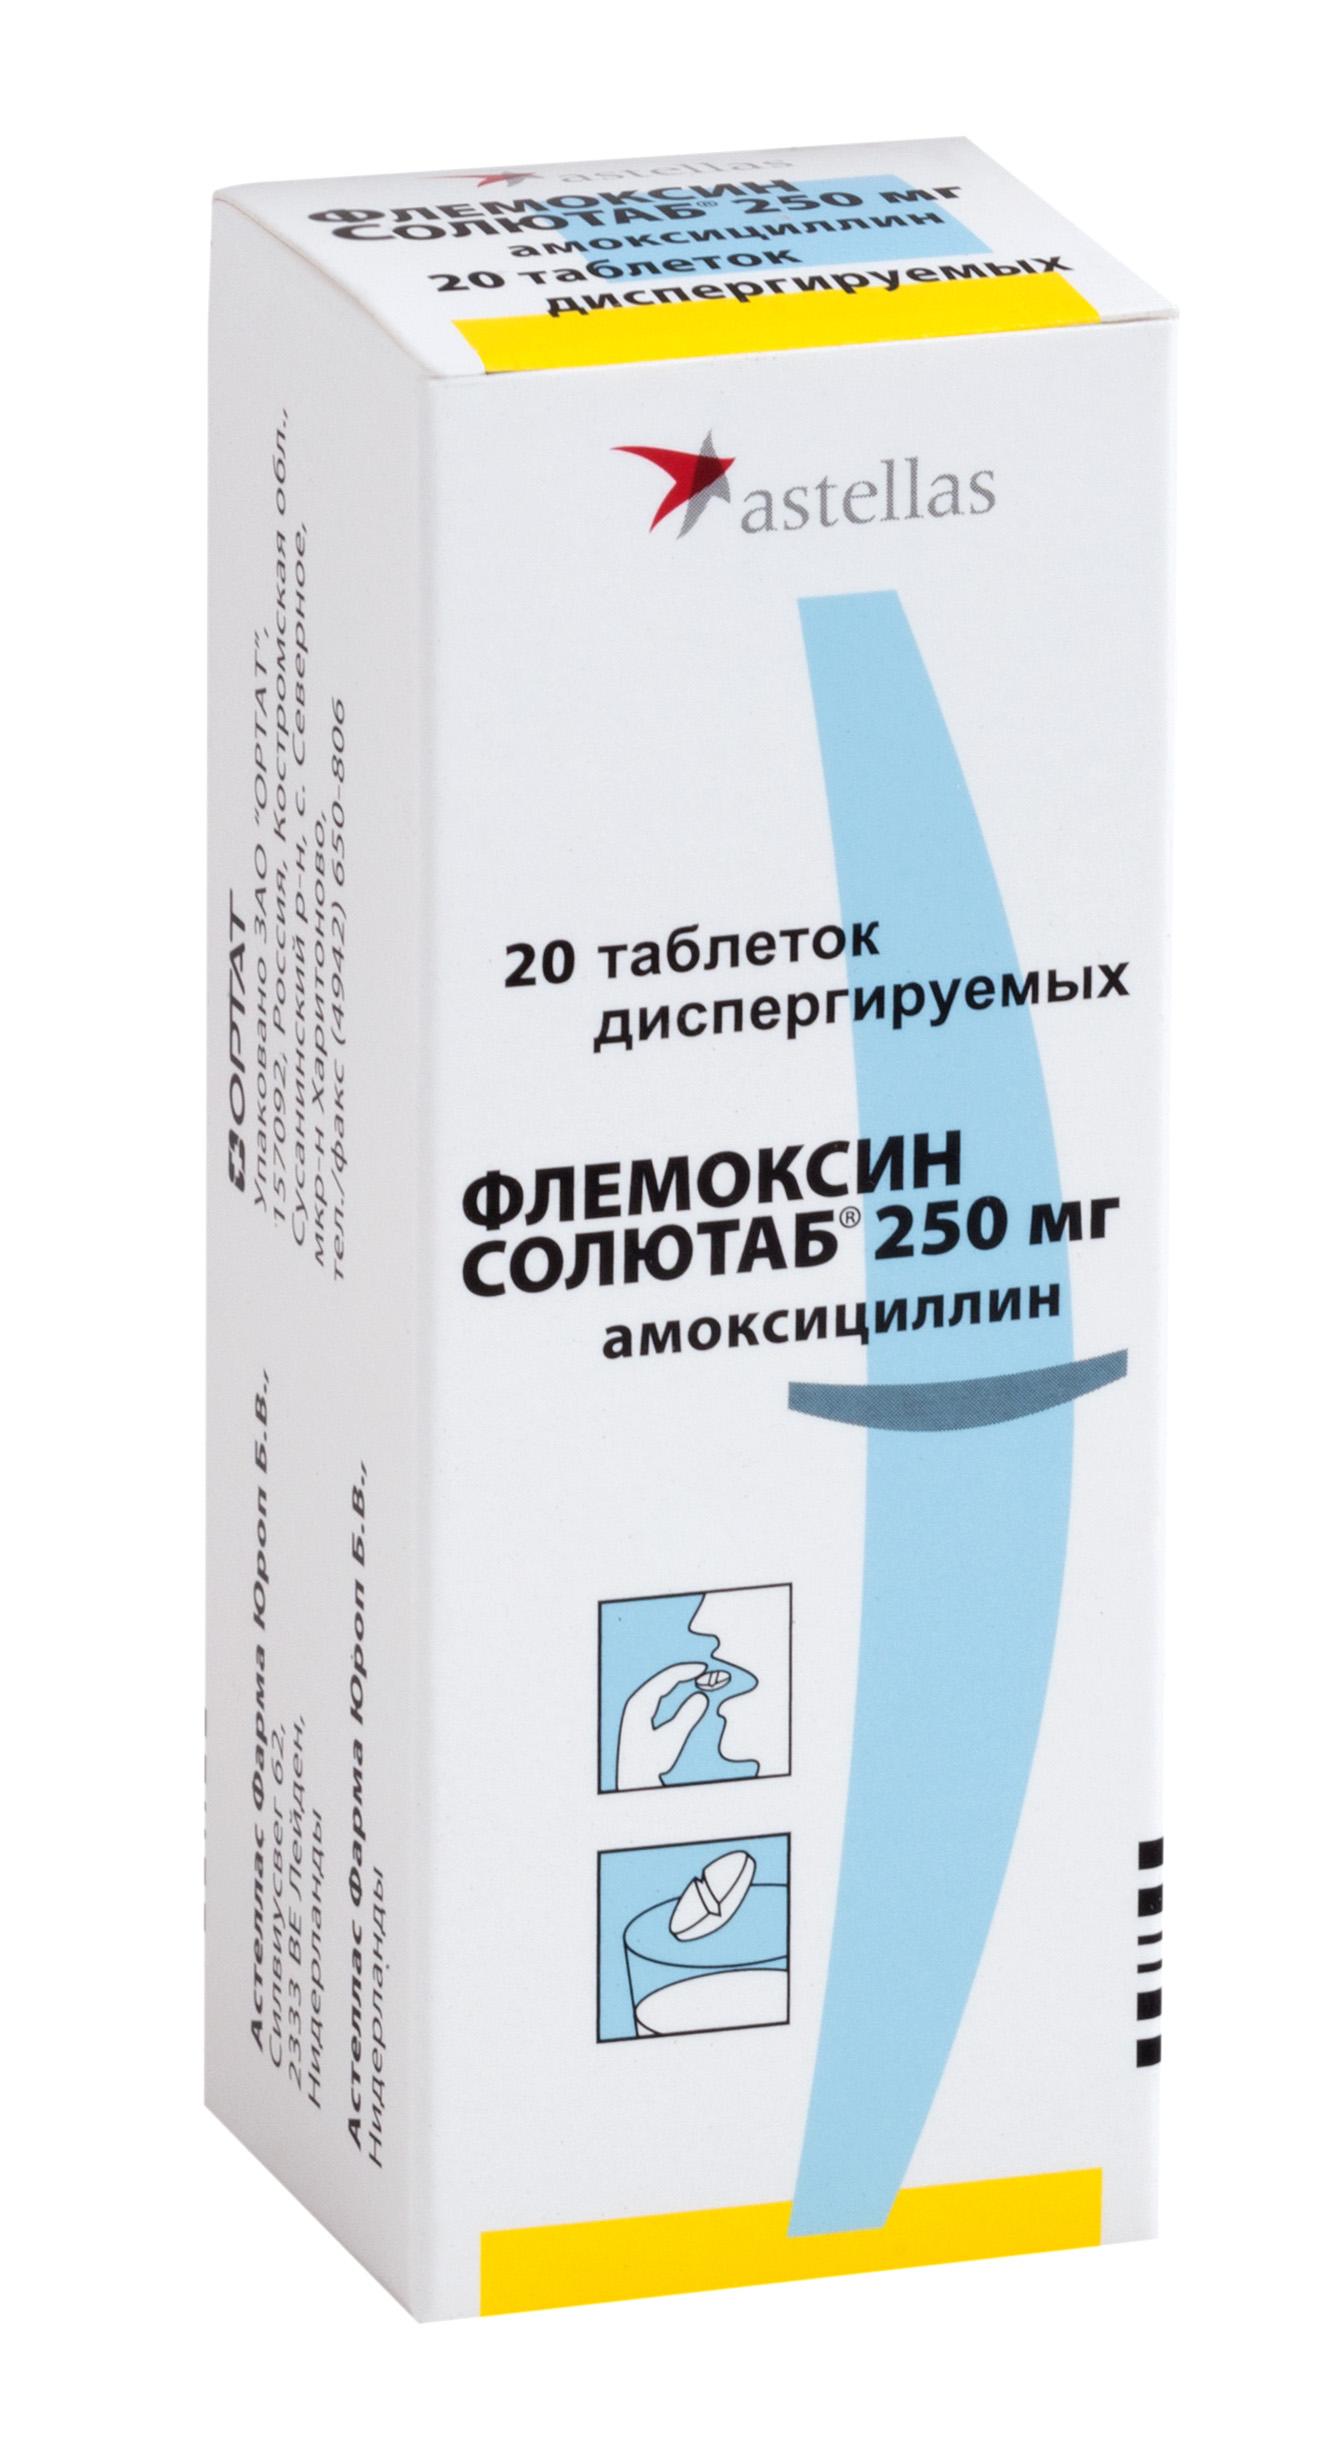 Флемоксин солютаб таб. дисперг. 250мг n20